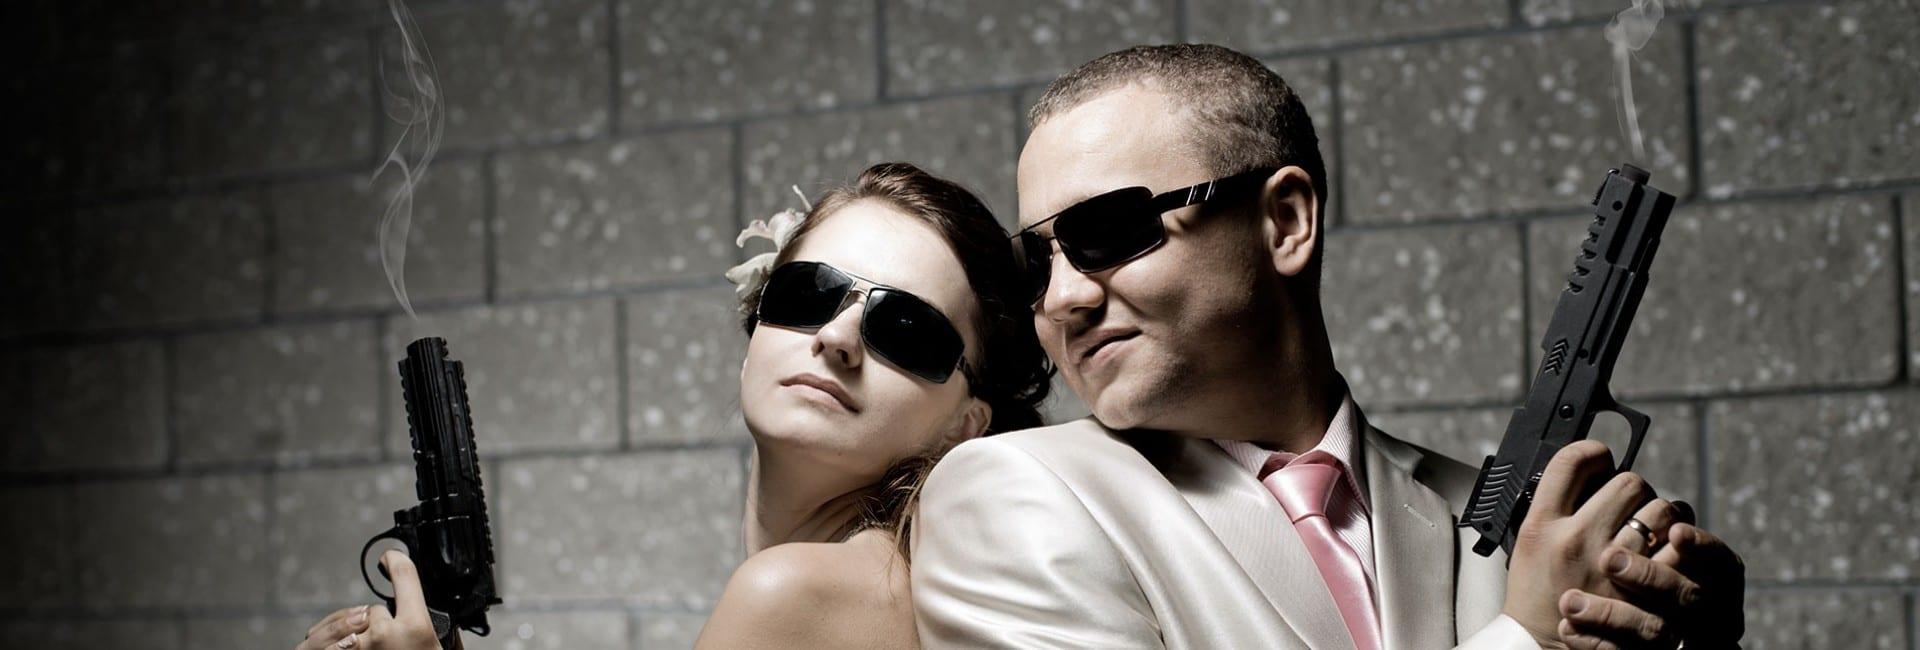 shotgun wedding couple